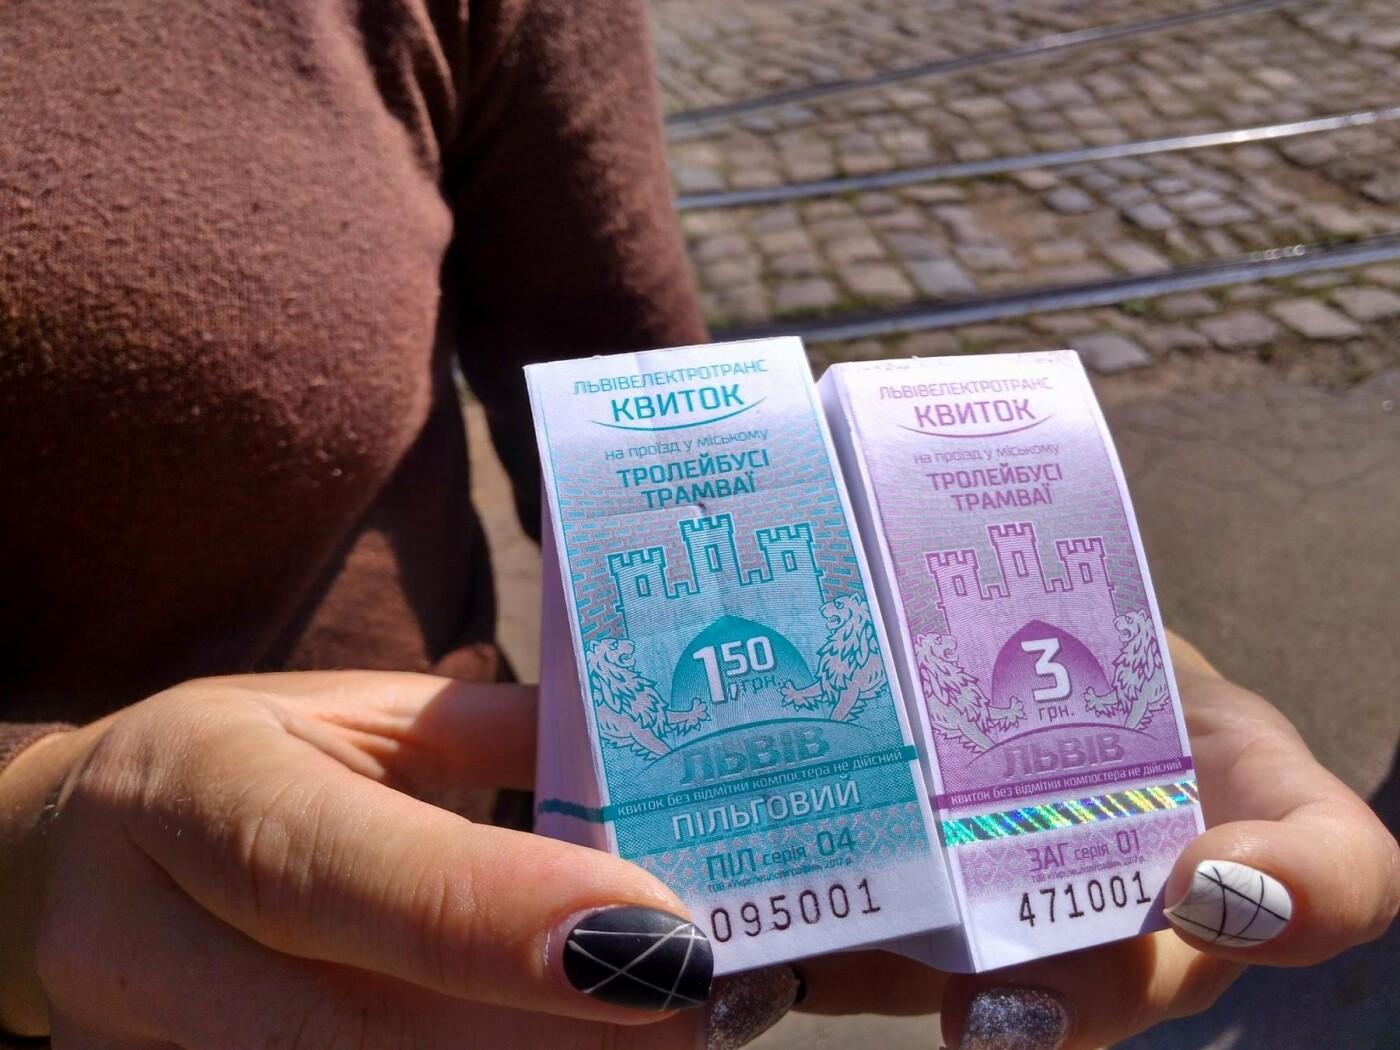 Як змінився вигляд проїзних квитків в електротранспорті Львова за останні 20 років. Фото, фото-16